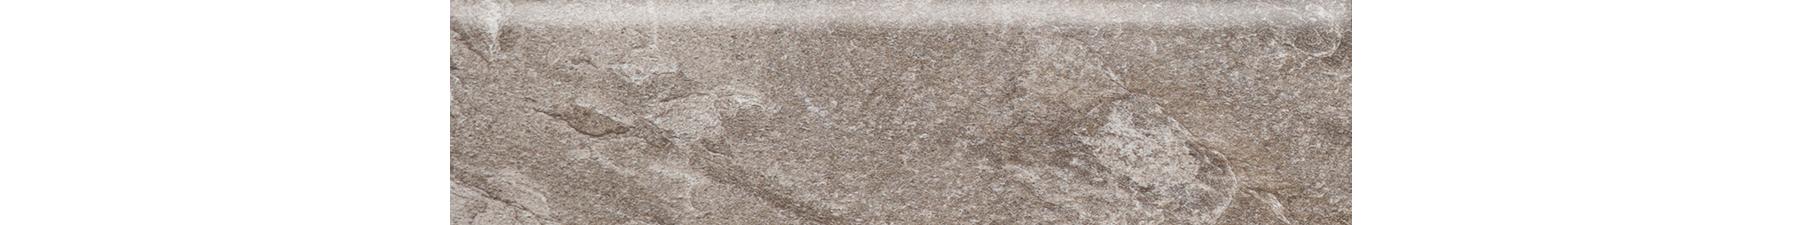 3x12 Himalaya Taupe Bullnose Porcelain Tile